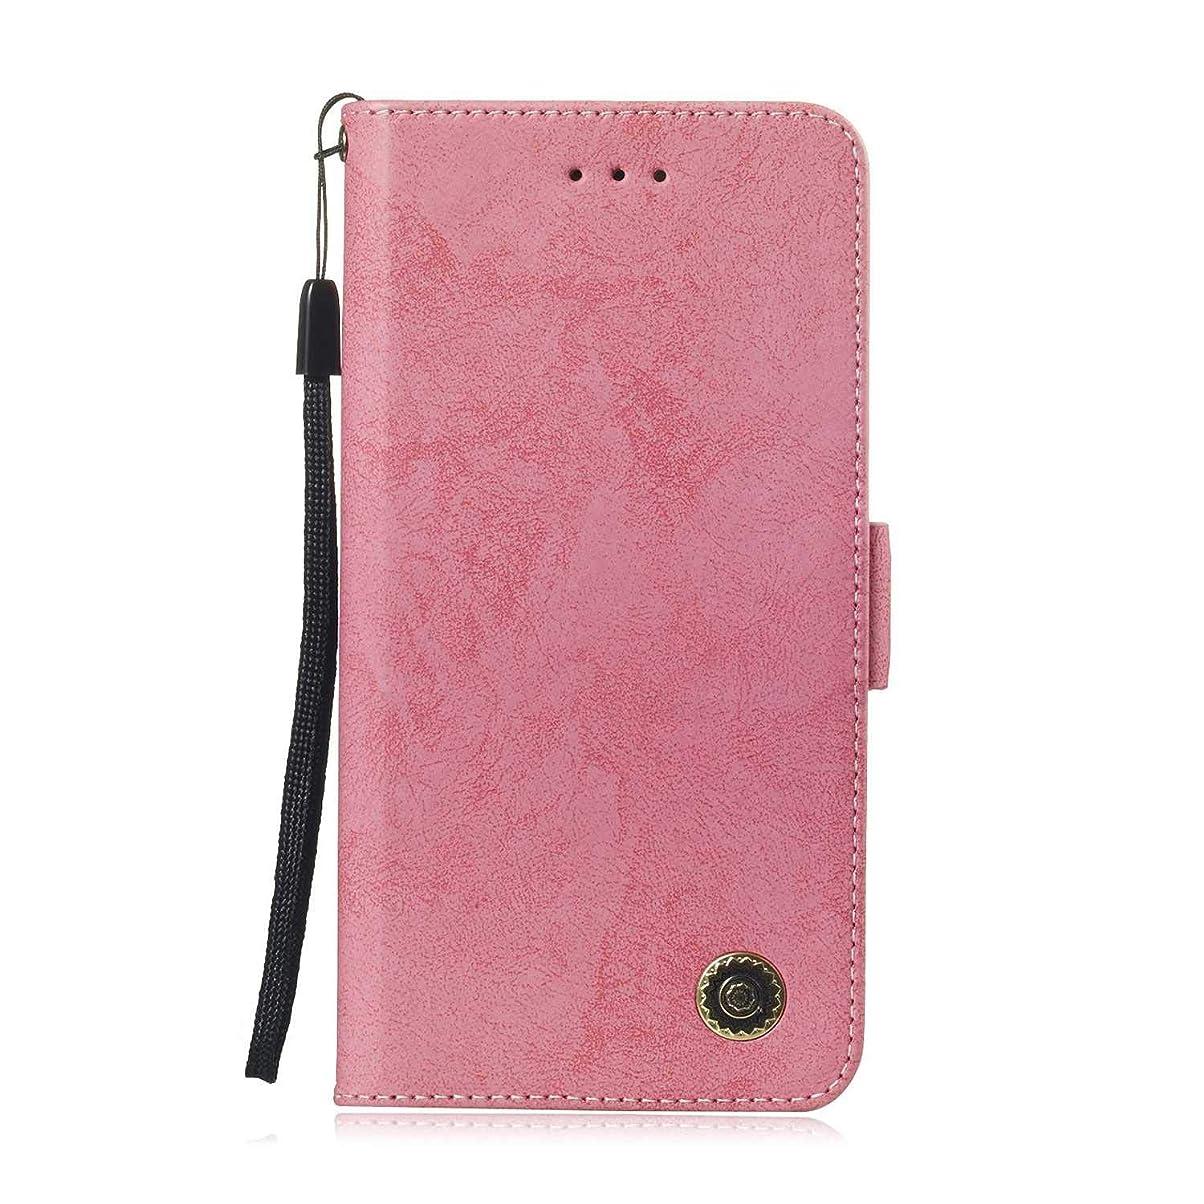 含意絵書店Zeebox? Huawei Honor 8C 手帳型ケース Huawei Honor 8C 手帳型カバー 財布型 合皮PUレザー マグネット式 保護ケース カード収納 スタンド 機能 (ピンク #3)